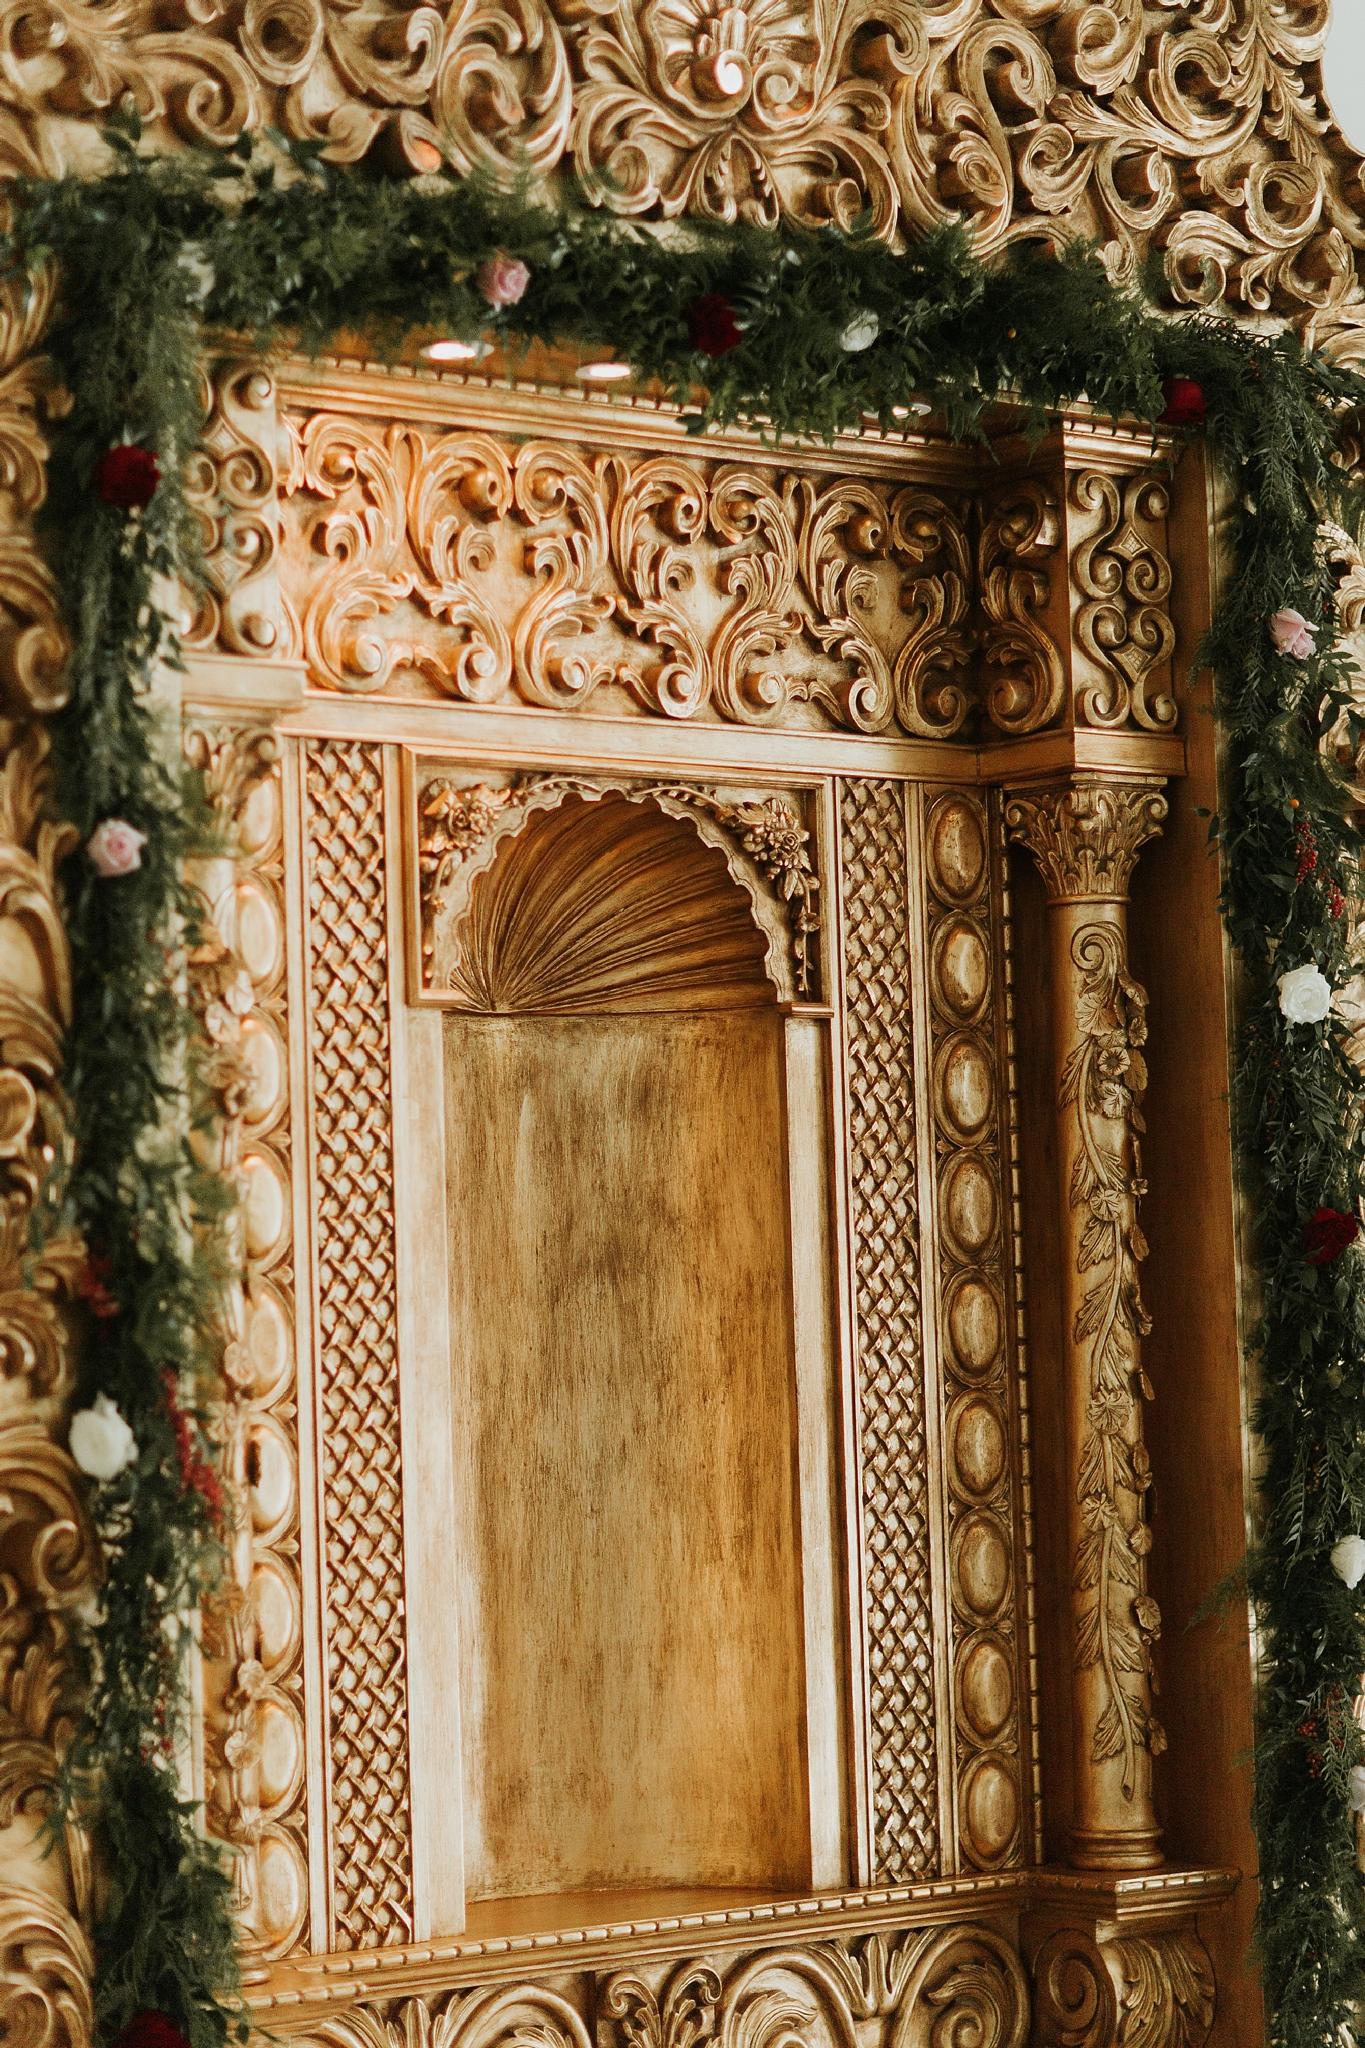 Alicia+lucia+photography+-+albuquerque+wedding+photographer+-+santa+fe+wedding+photography+-+new+mexico+wedding+photographer+-+wedding+ceremony+-+wedding+alter+-+floral+alter_0012.jpg